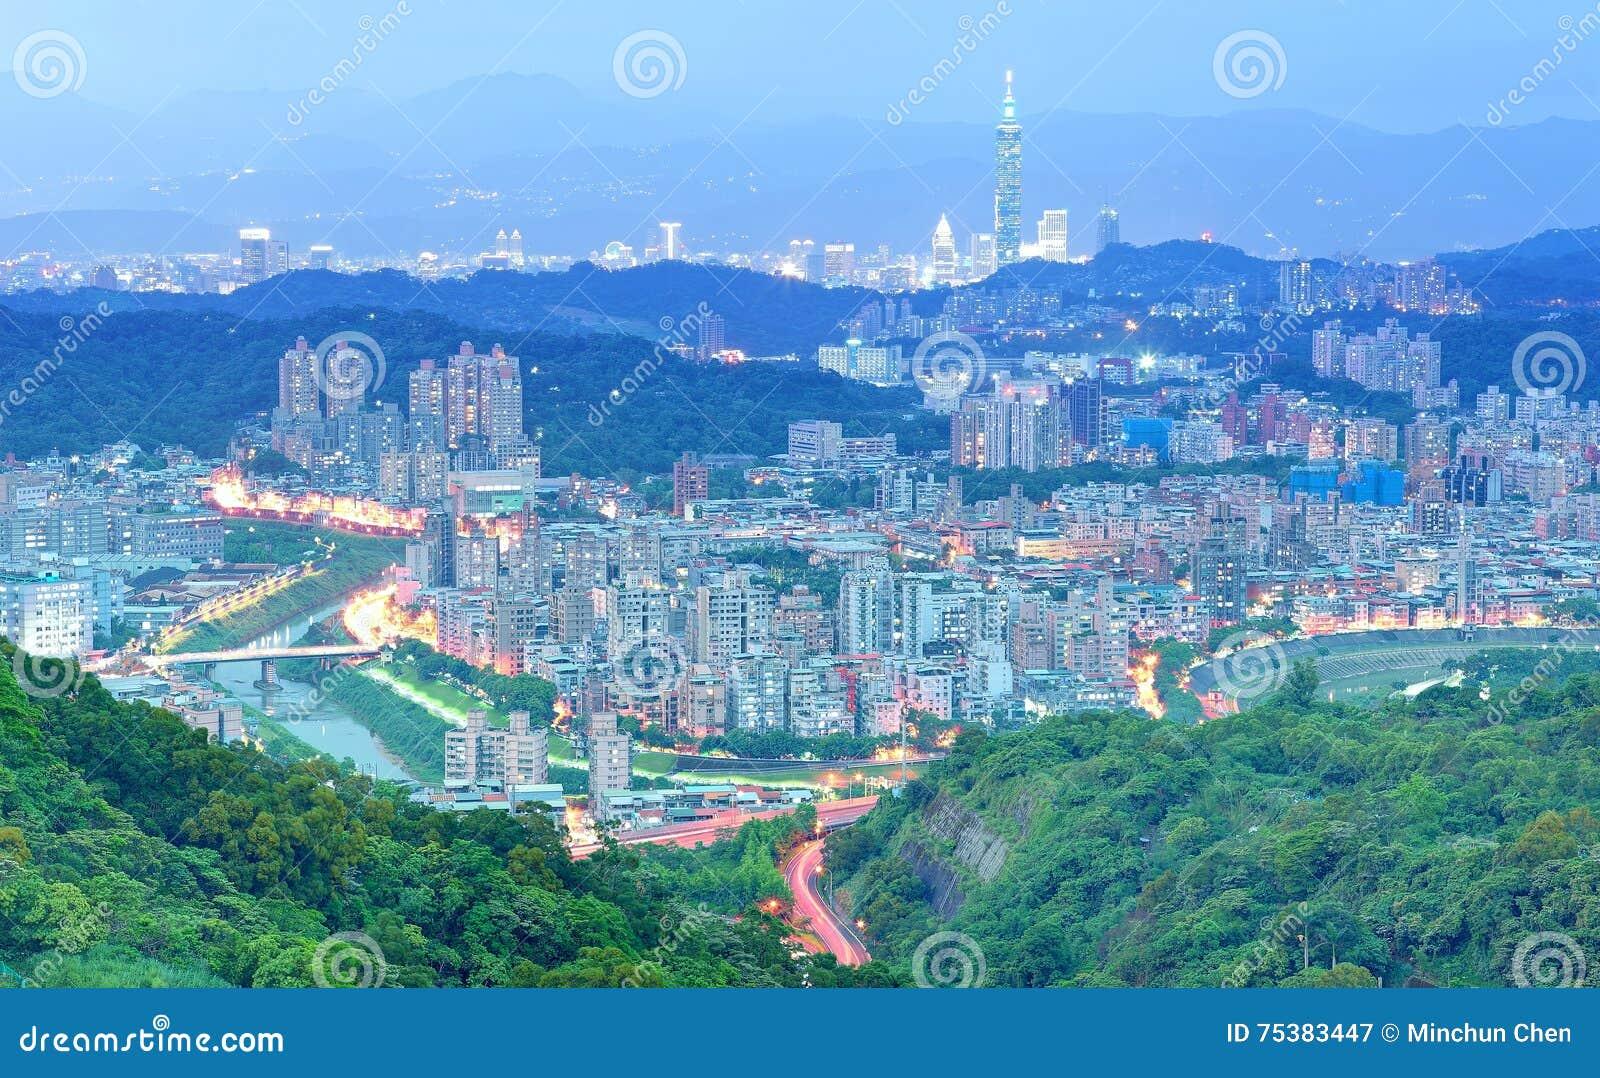 Powietrzna panorama podmiejskie mieszkaniowe społeczności w Taipei, z widokiem Taipei 101 wierza wśród drapaczy chmur